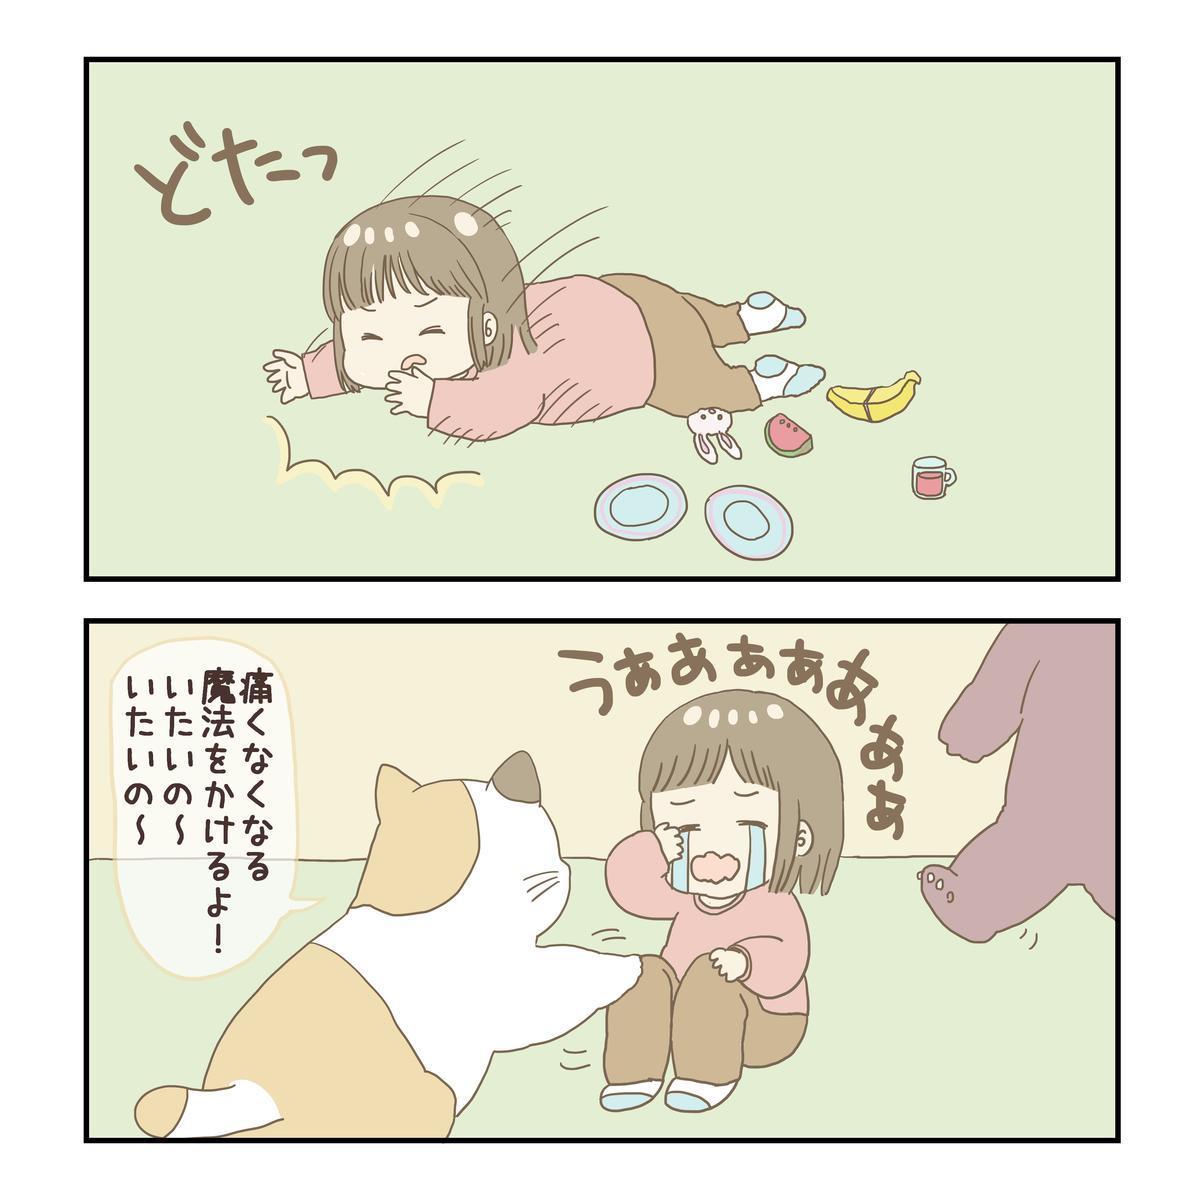 f:id:nikono:20190319210819j:plain